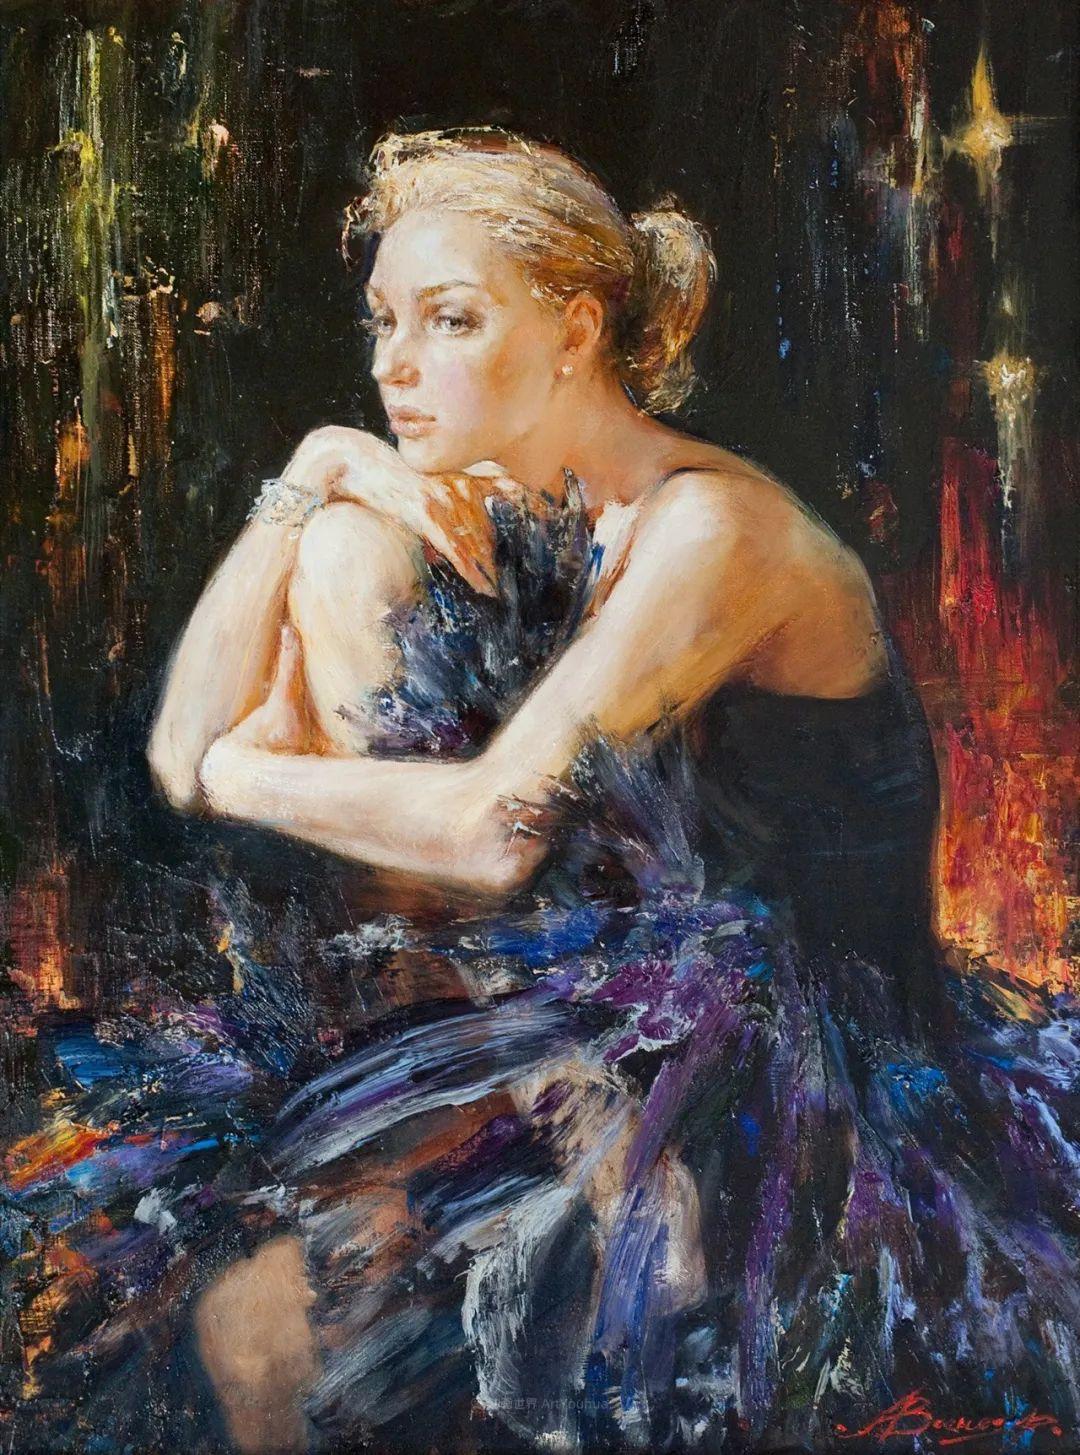 芭蕾舞蹈,俄罗斯女画家安娜·维诺加拉多娃插图47